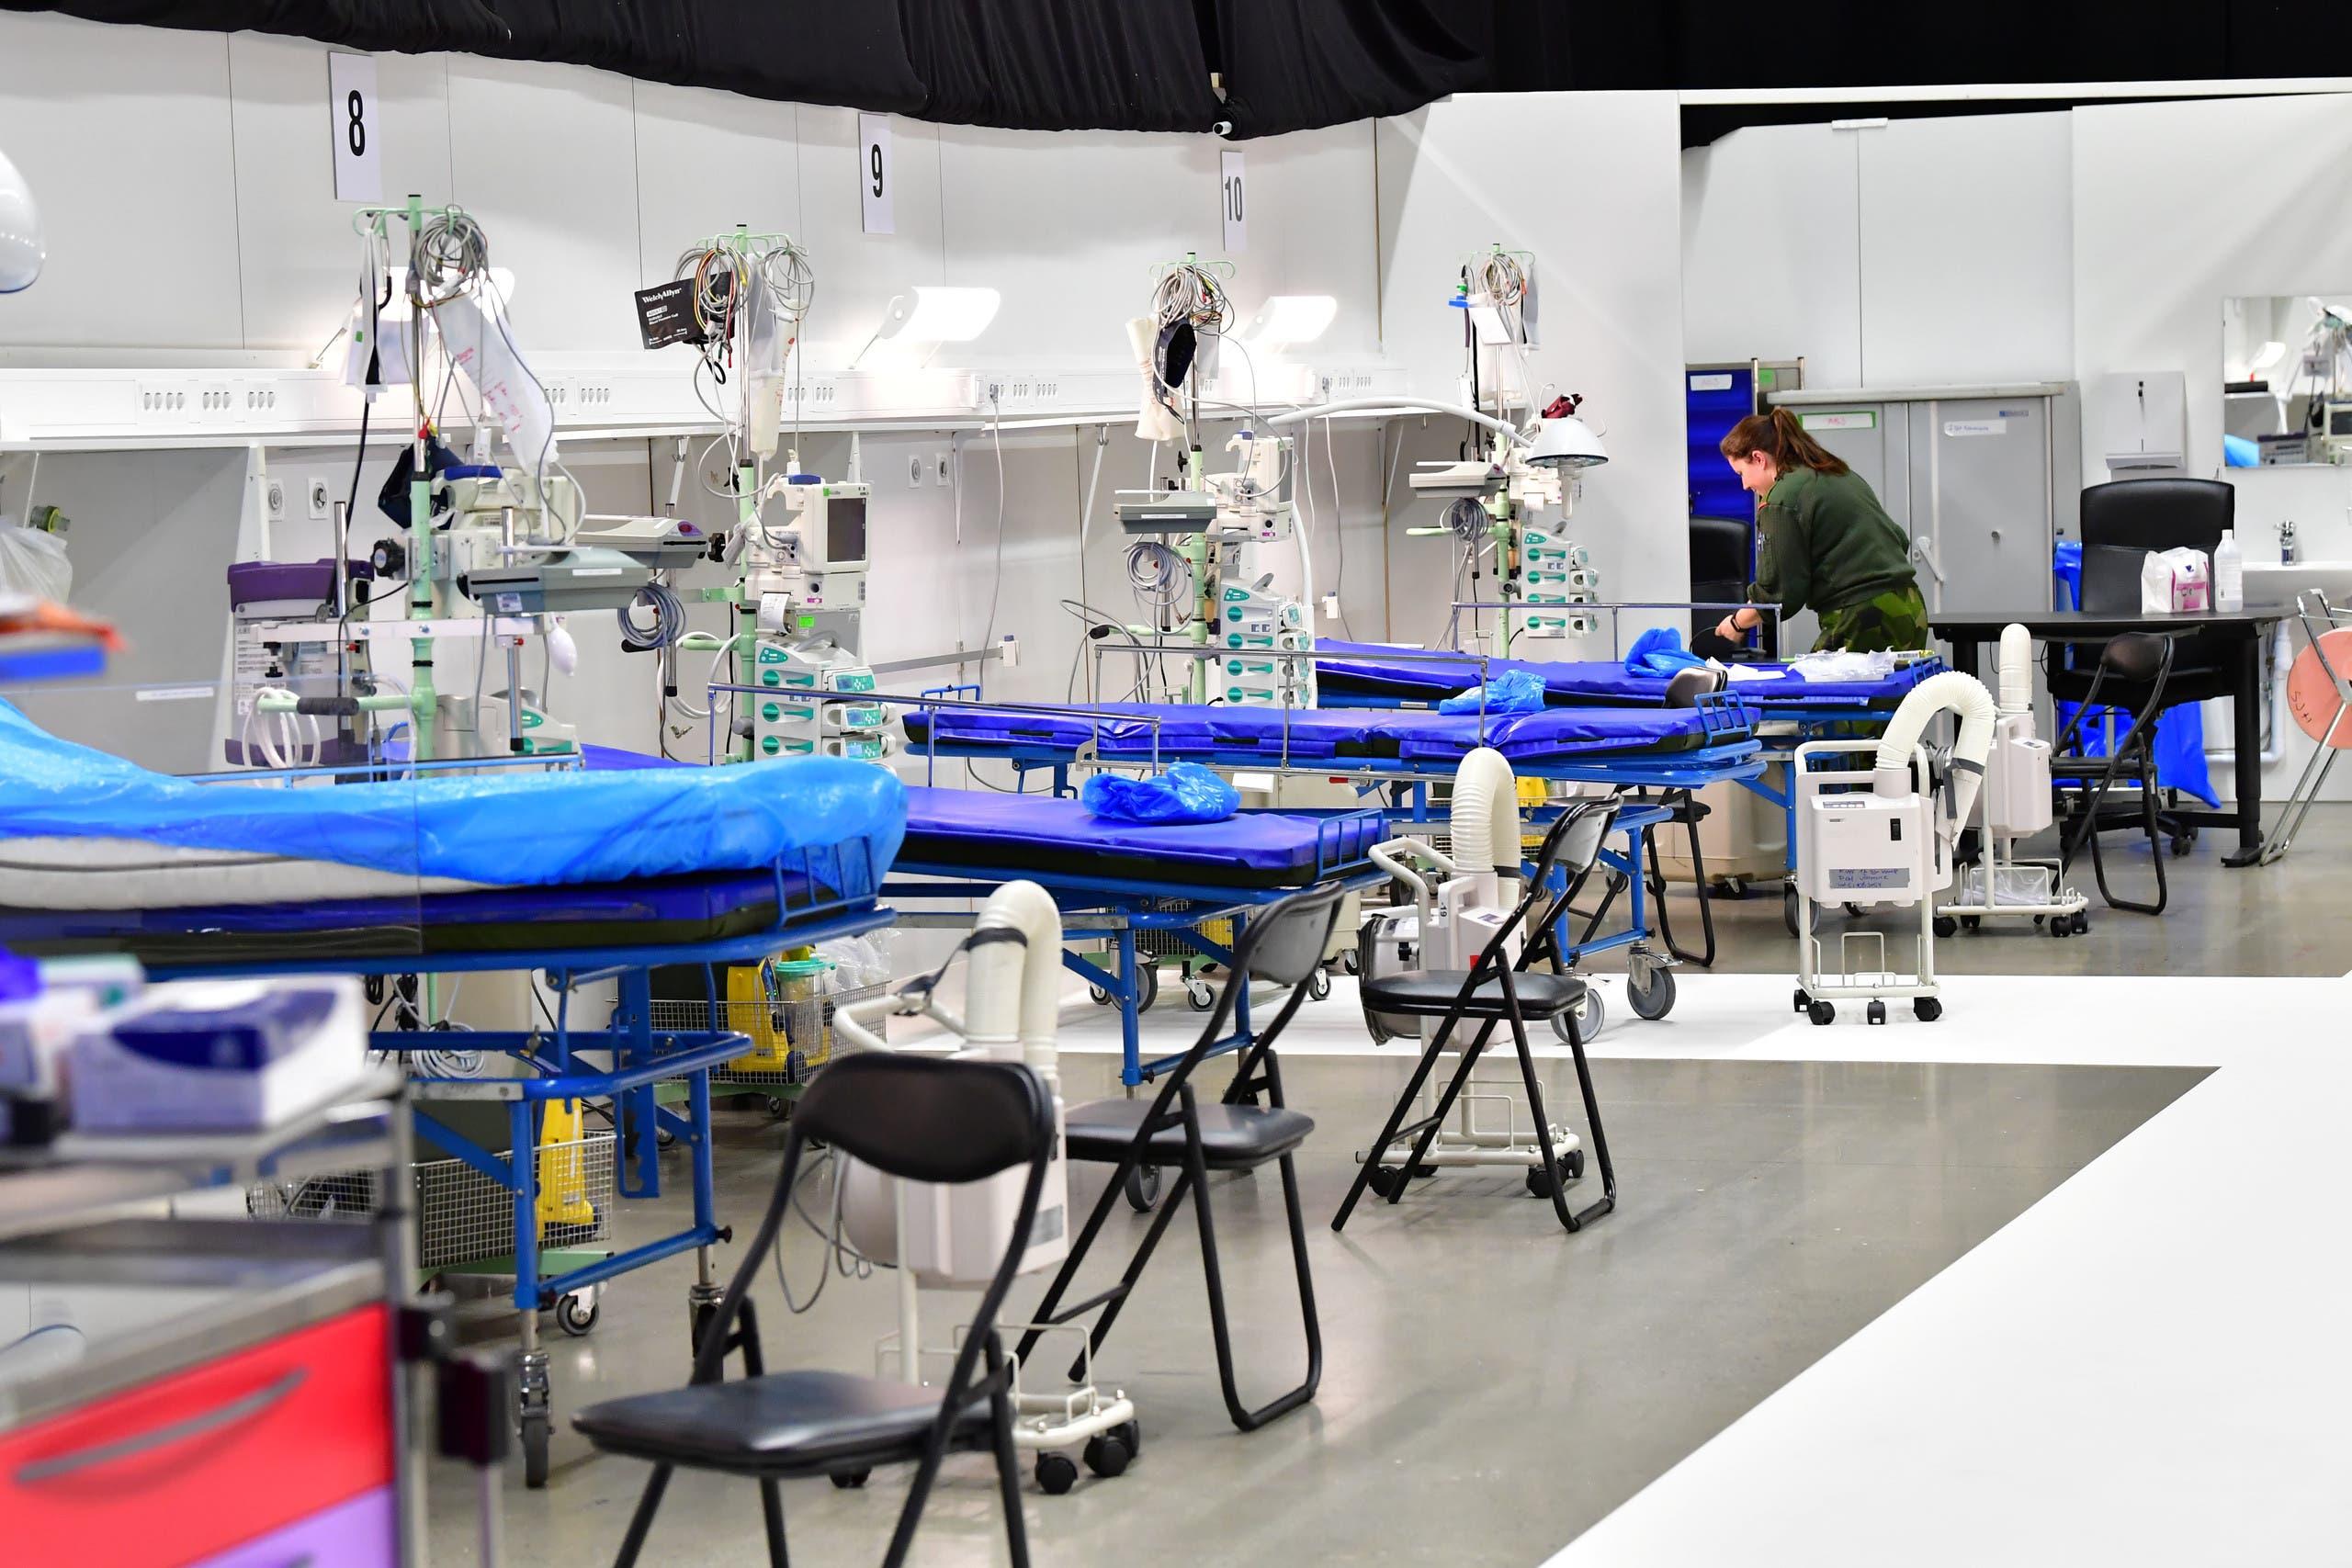 مستشفى بناه الجيش السويدي في معرض للمؤتمرات في ستوكهولم للعناية بمرضى كورونا